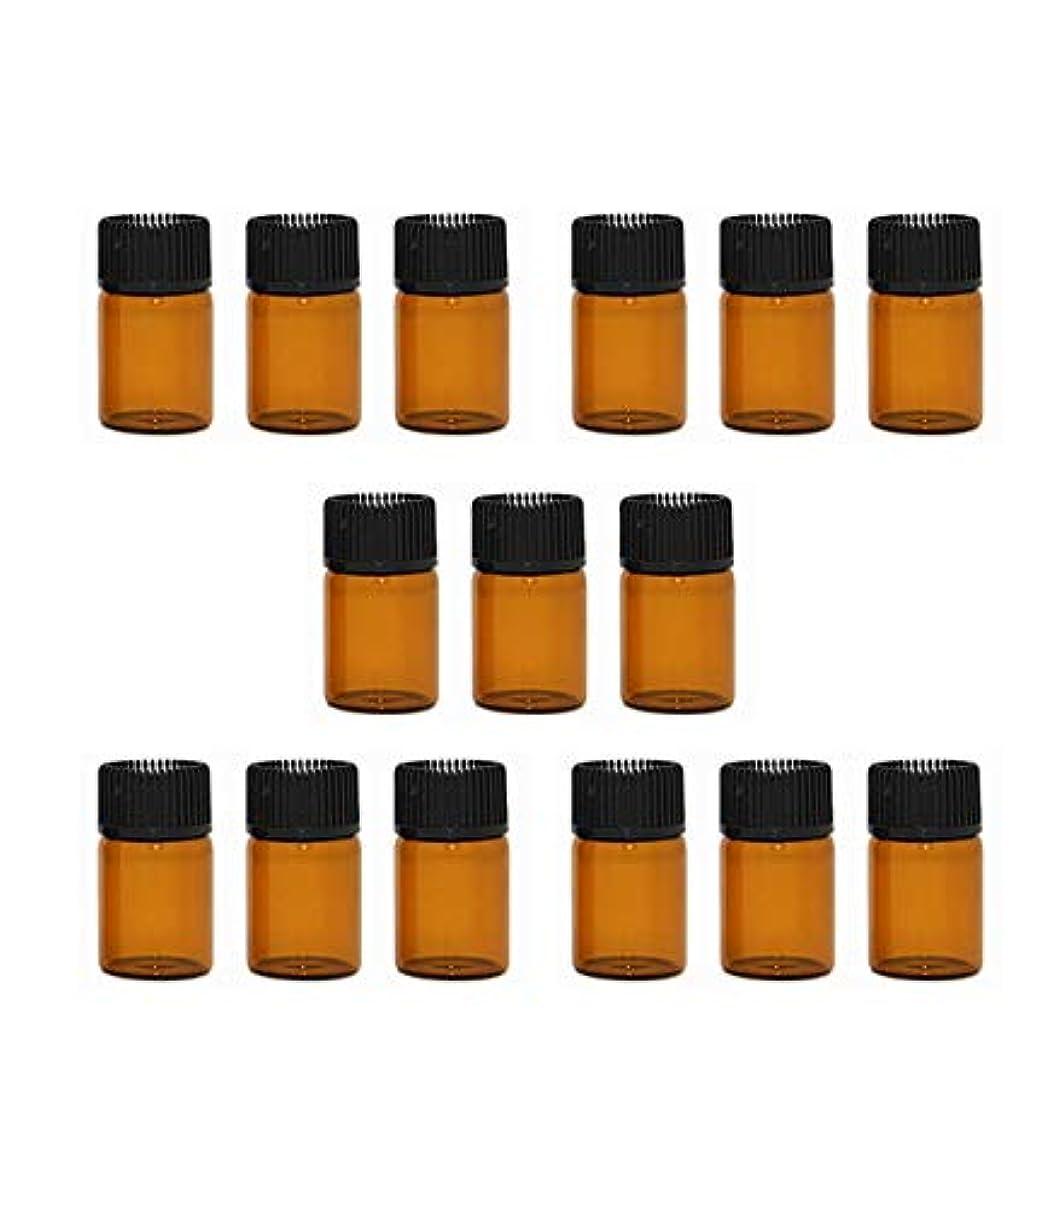 化学薬品正確にスイング精油 小分け用 ボトル オイル 用 茶色 瓶 アロマオイル 遮光瓶 エッセンシャルオイル 保存瓶 2ml 15本セット